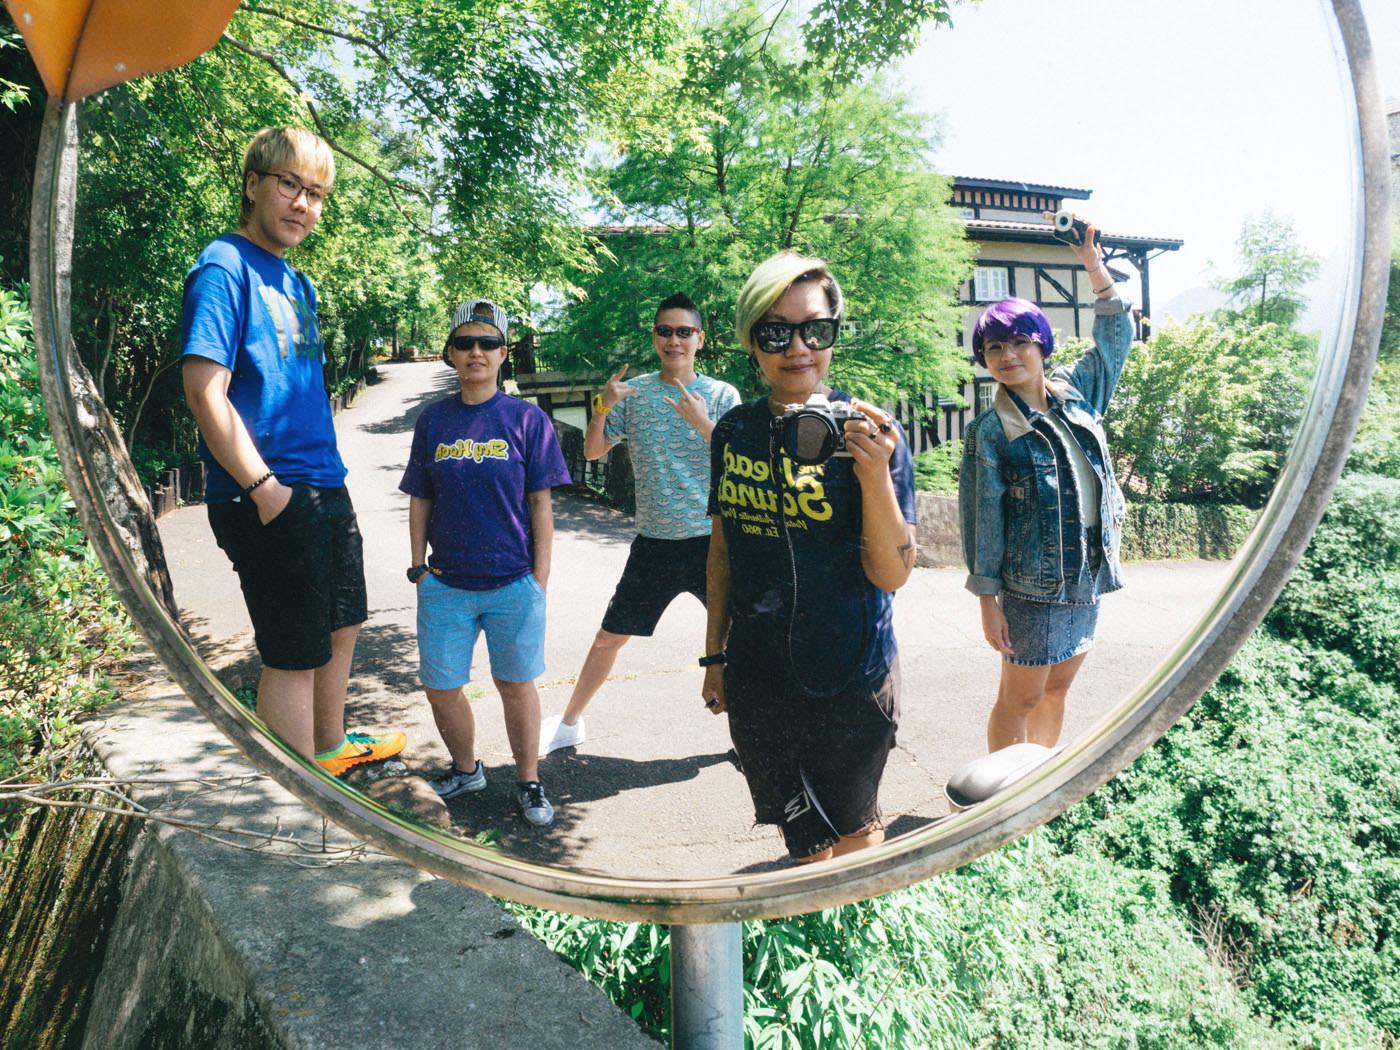 Taiwan - Qingjing - Wefie time